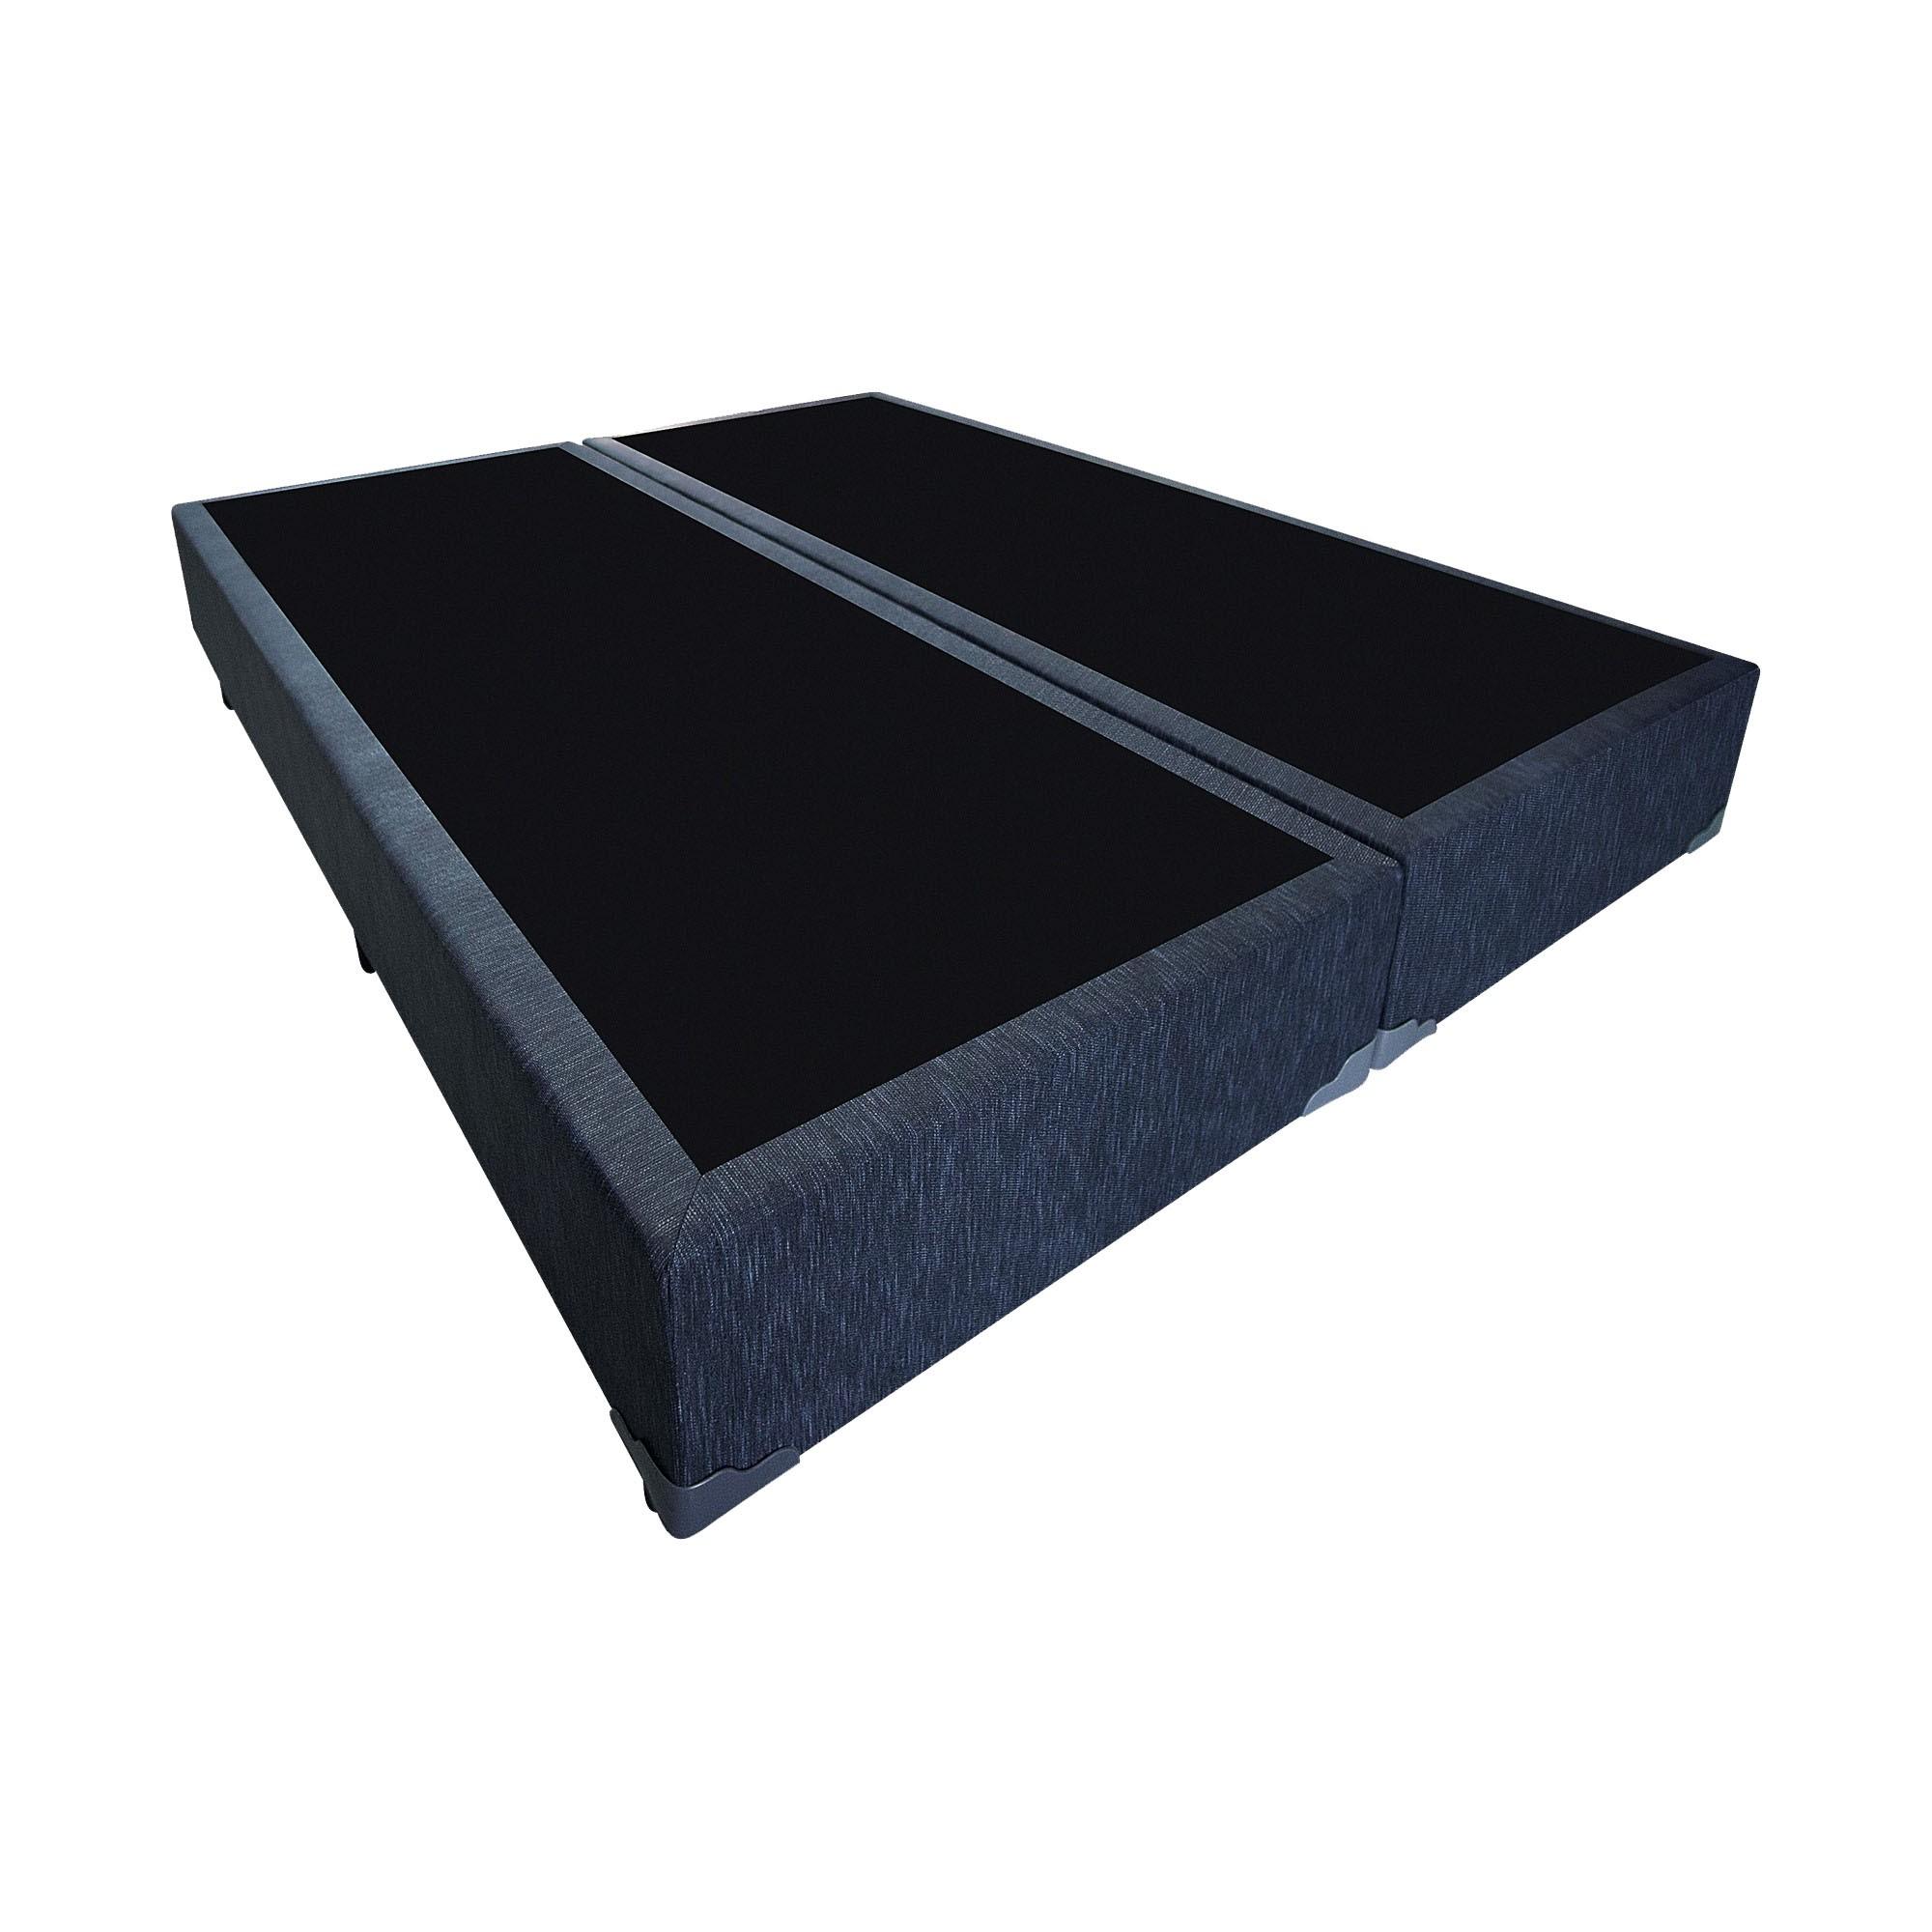 Box Tradicional Linhão Cosmo [Queen 158 x 198 cm]